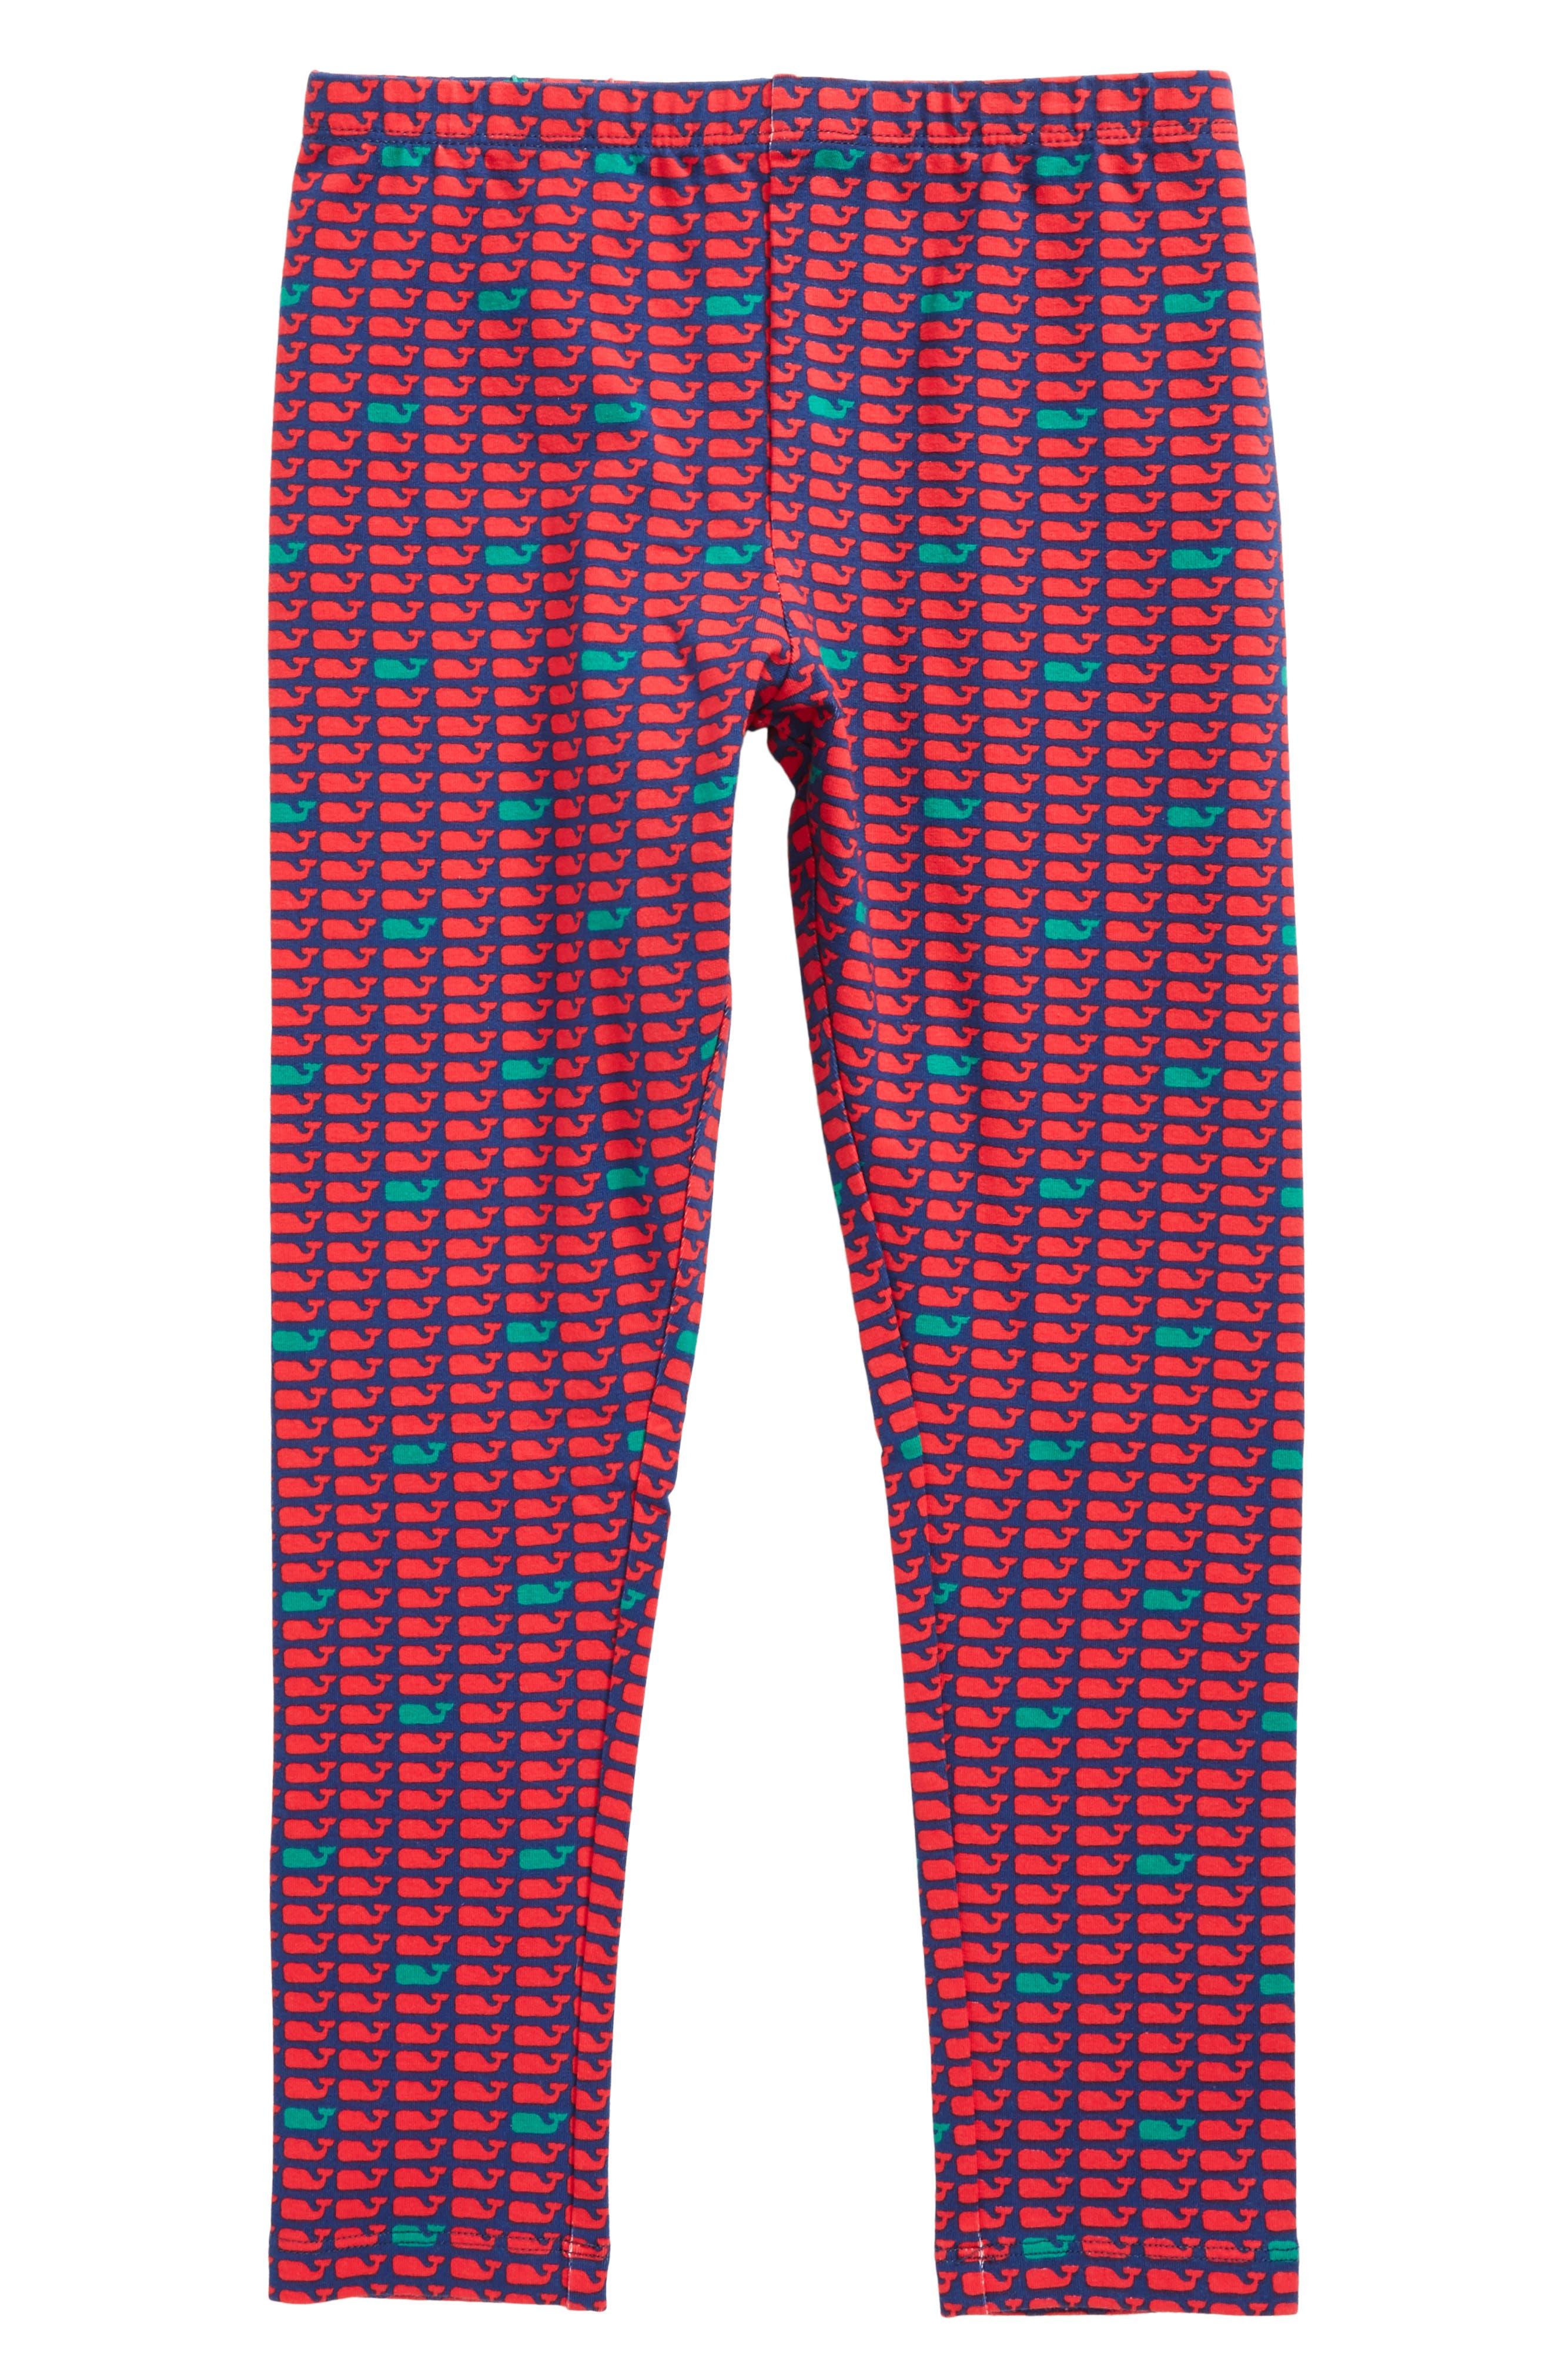 Party Whale Leggings,                             Main thumbnail 1, color,                             606